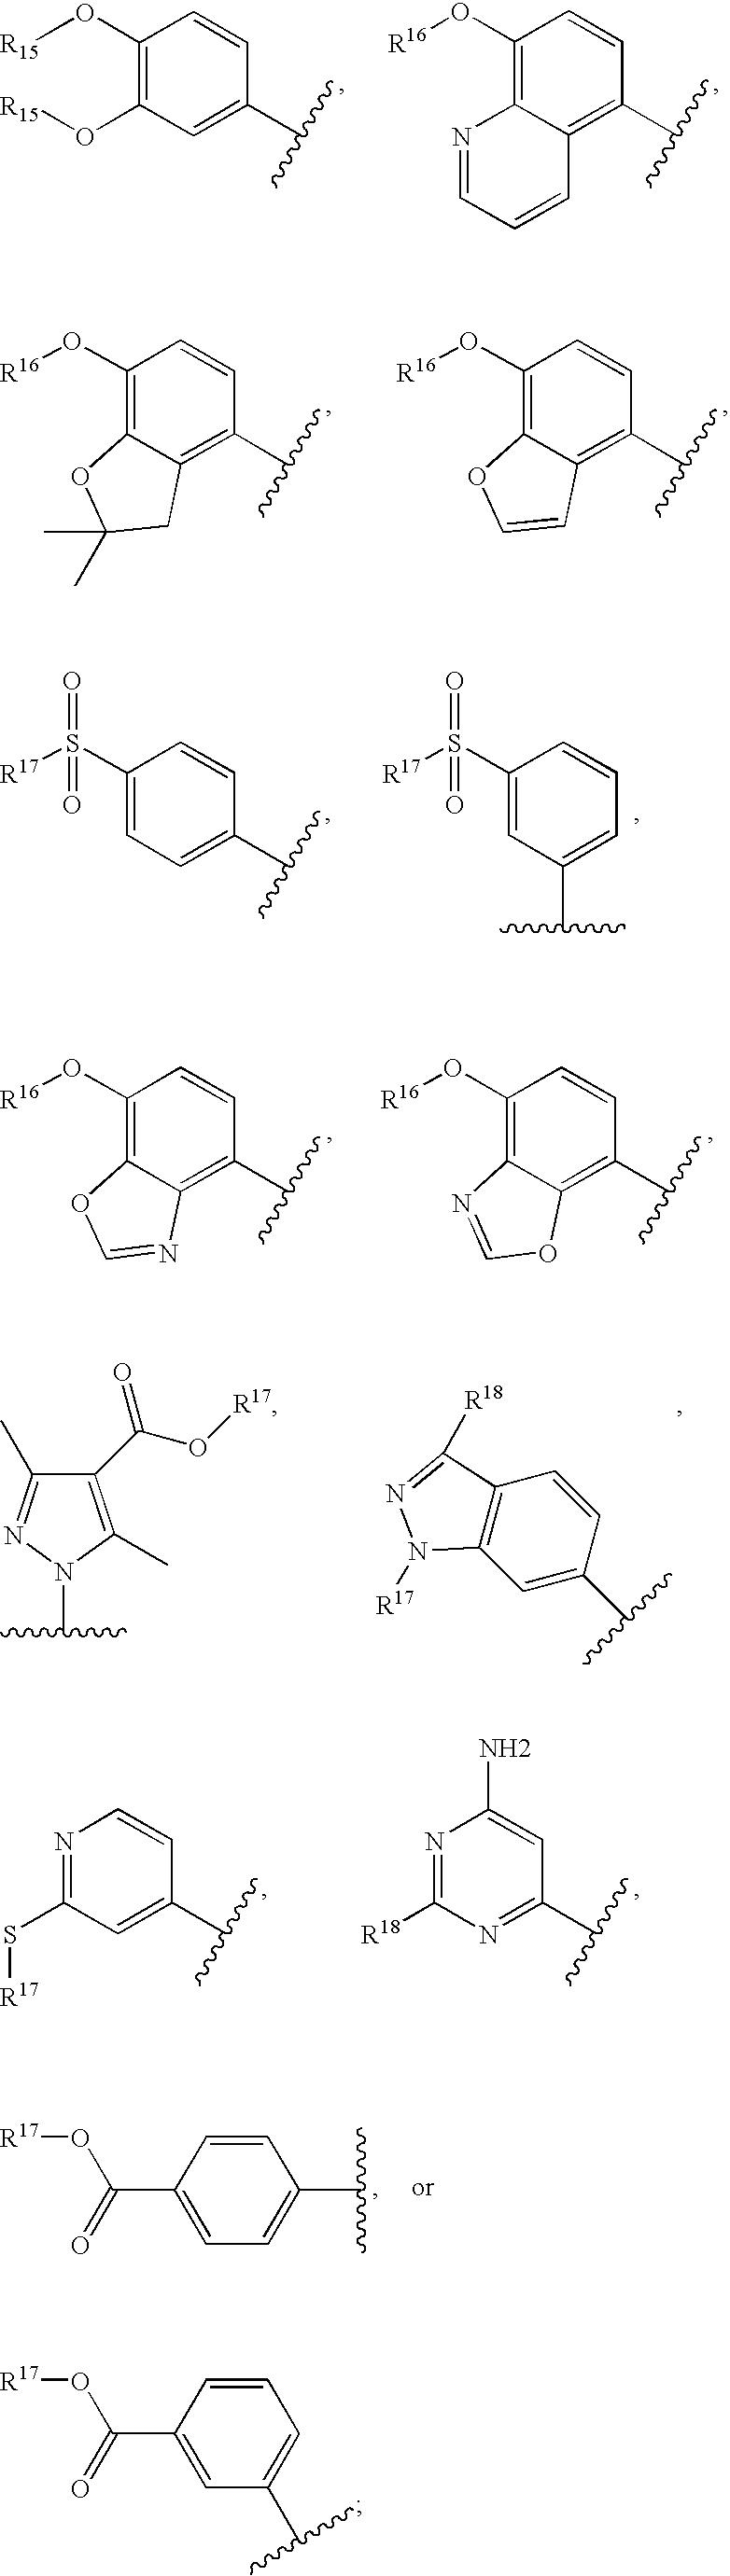 Figure US07605168-20091020-C00006